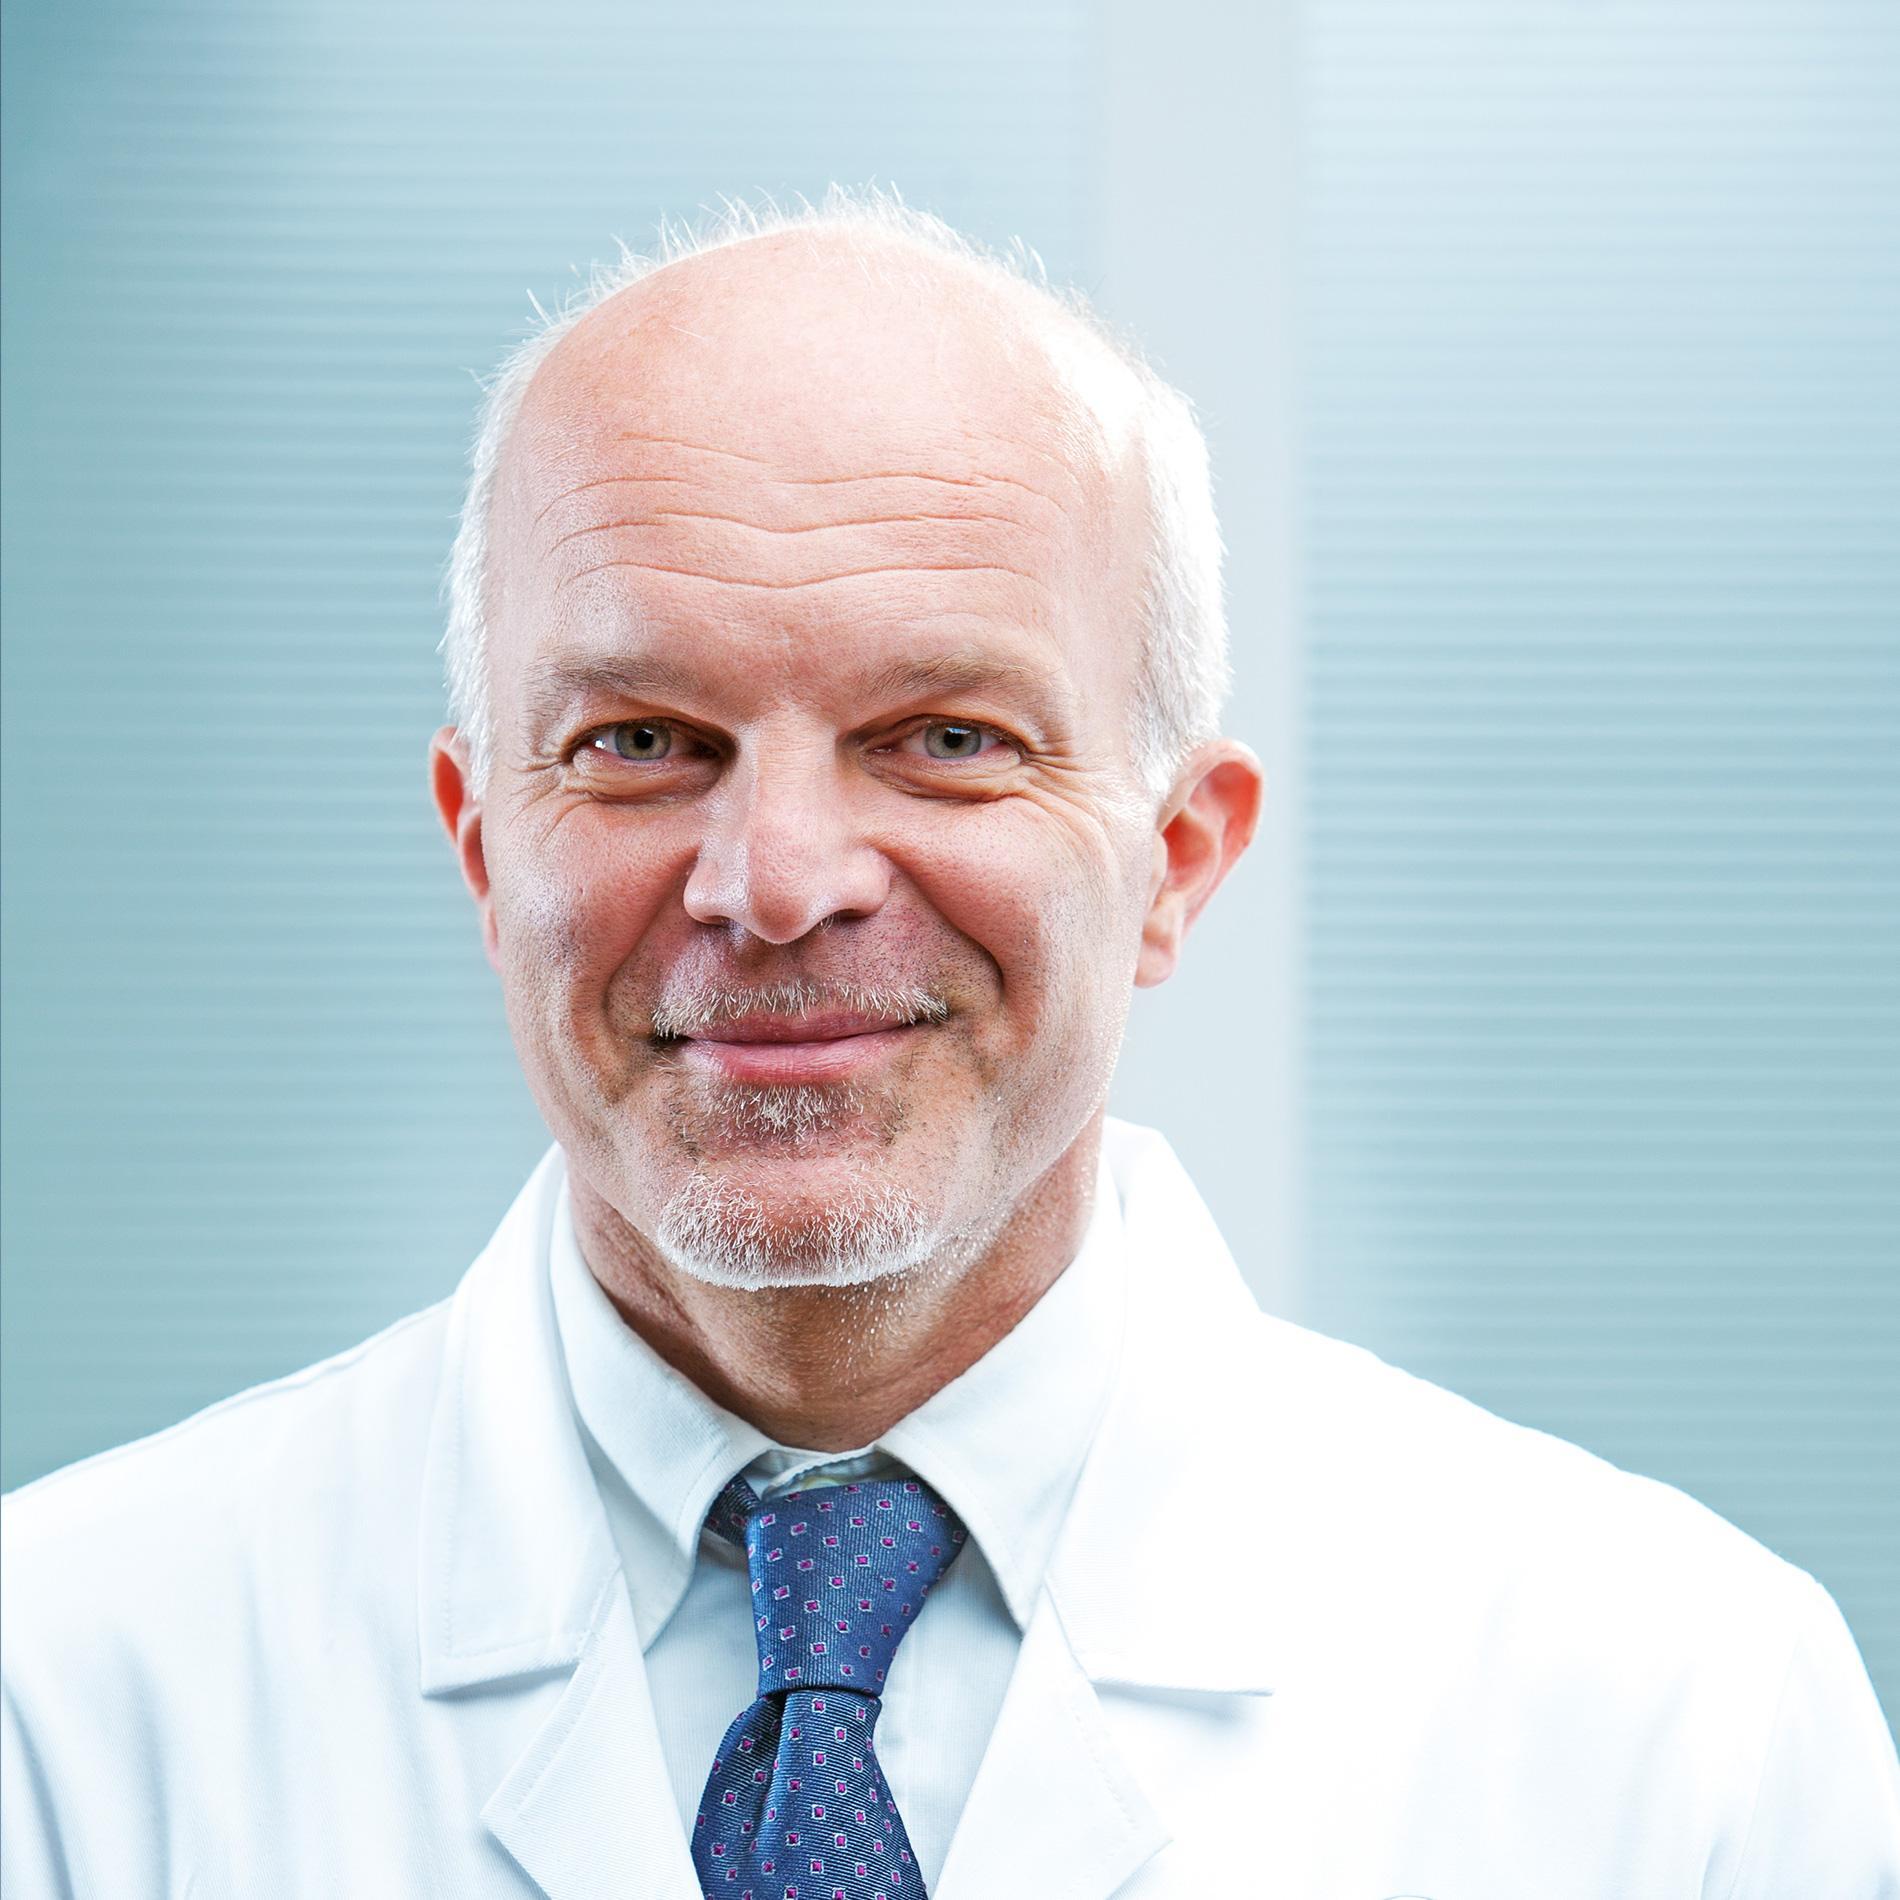 Лечение в немецкой клинике - организация лечения в Германии